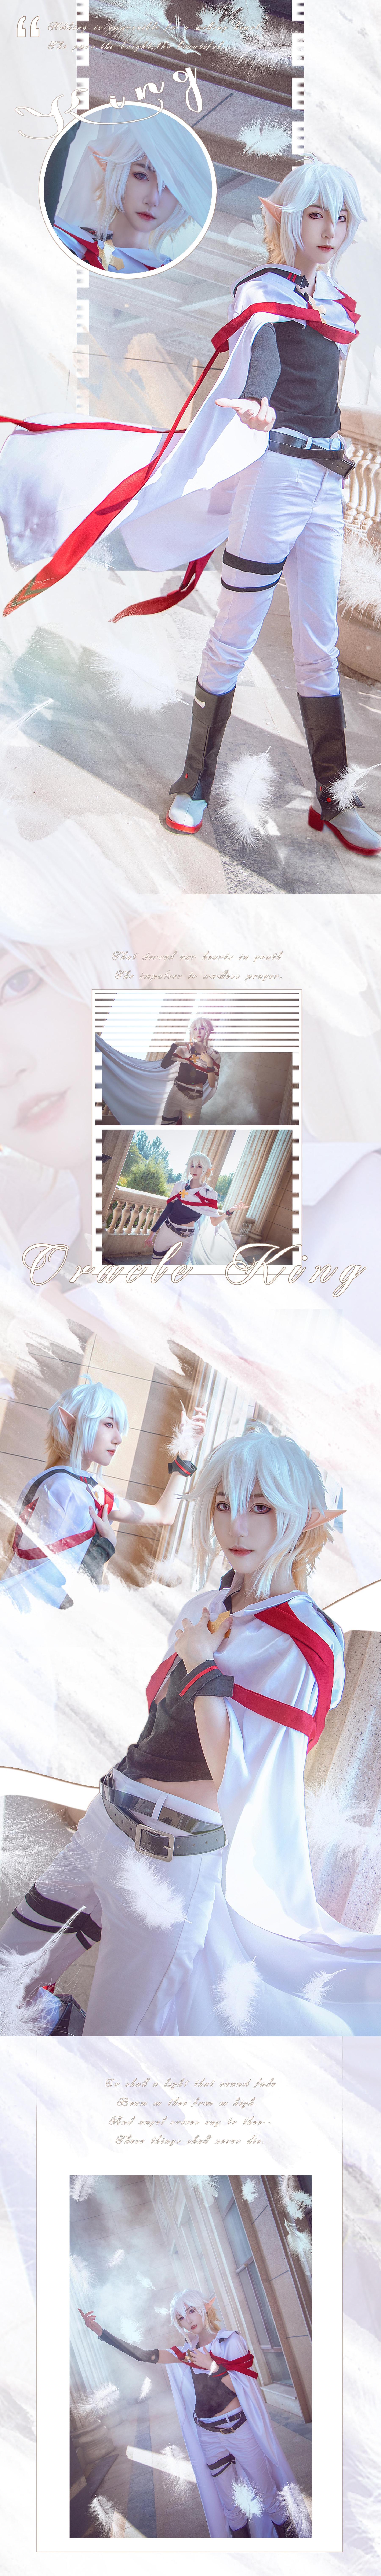 《凹凸世界》正片cosplay【CN:Yixuan-】-第2张